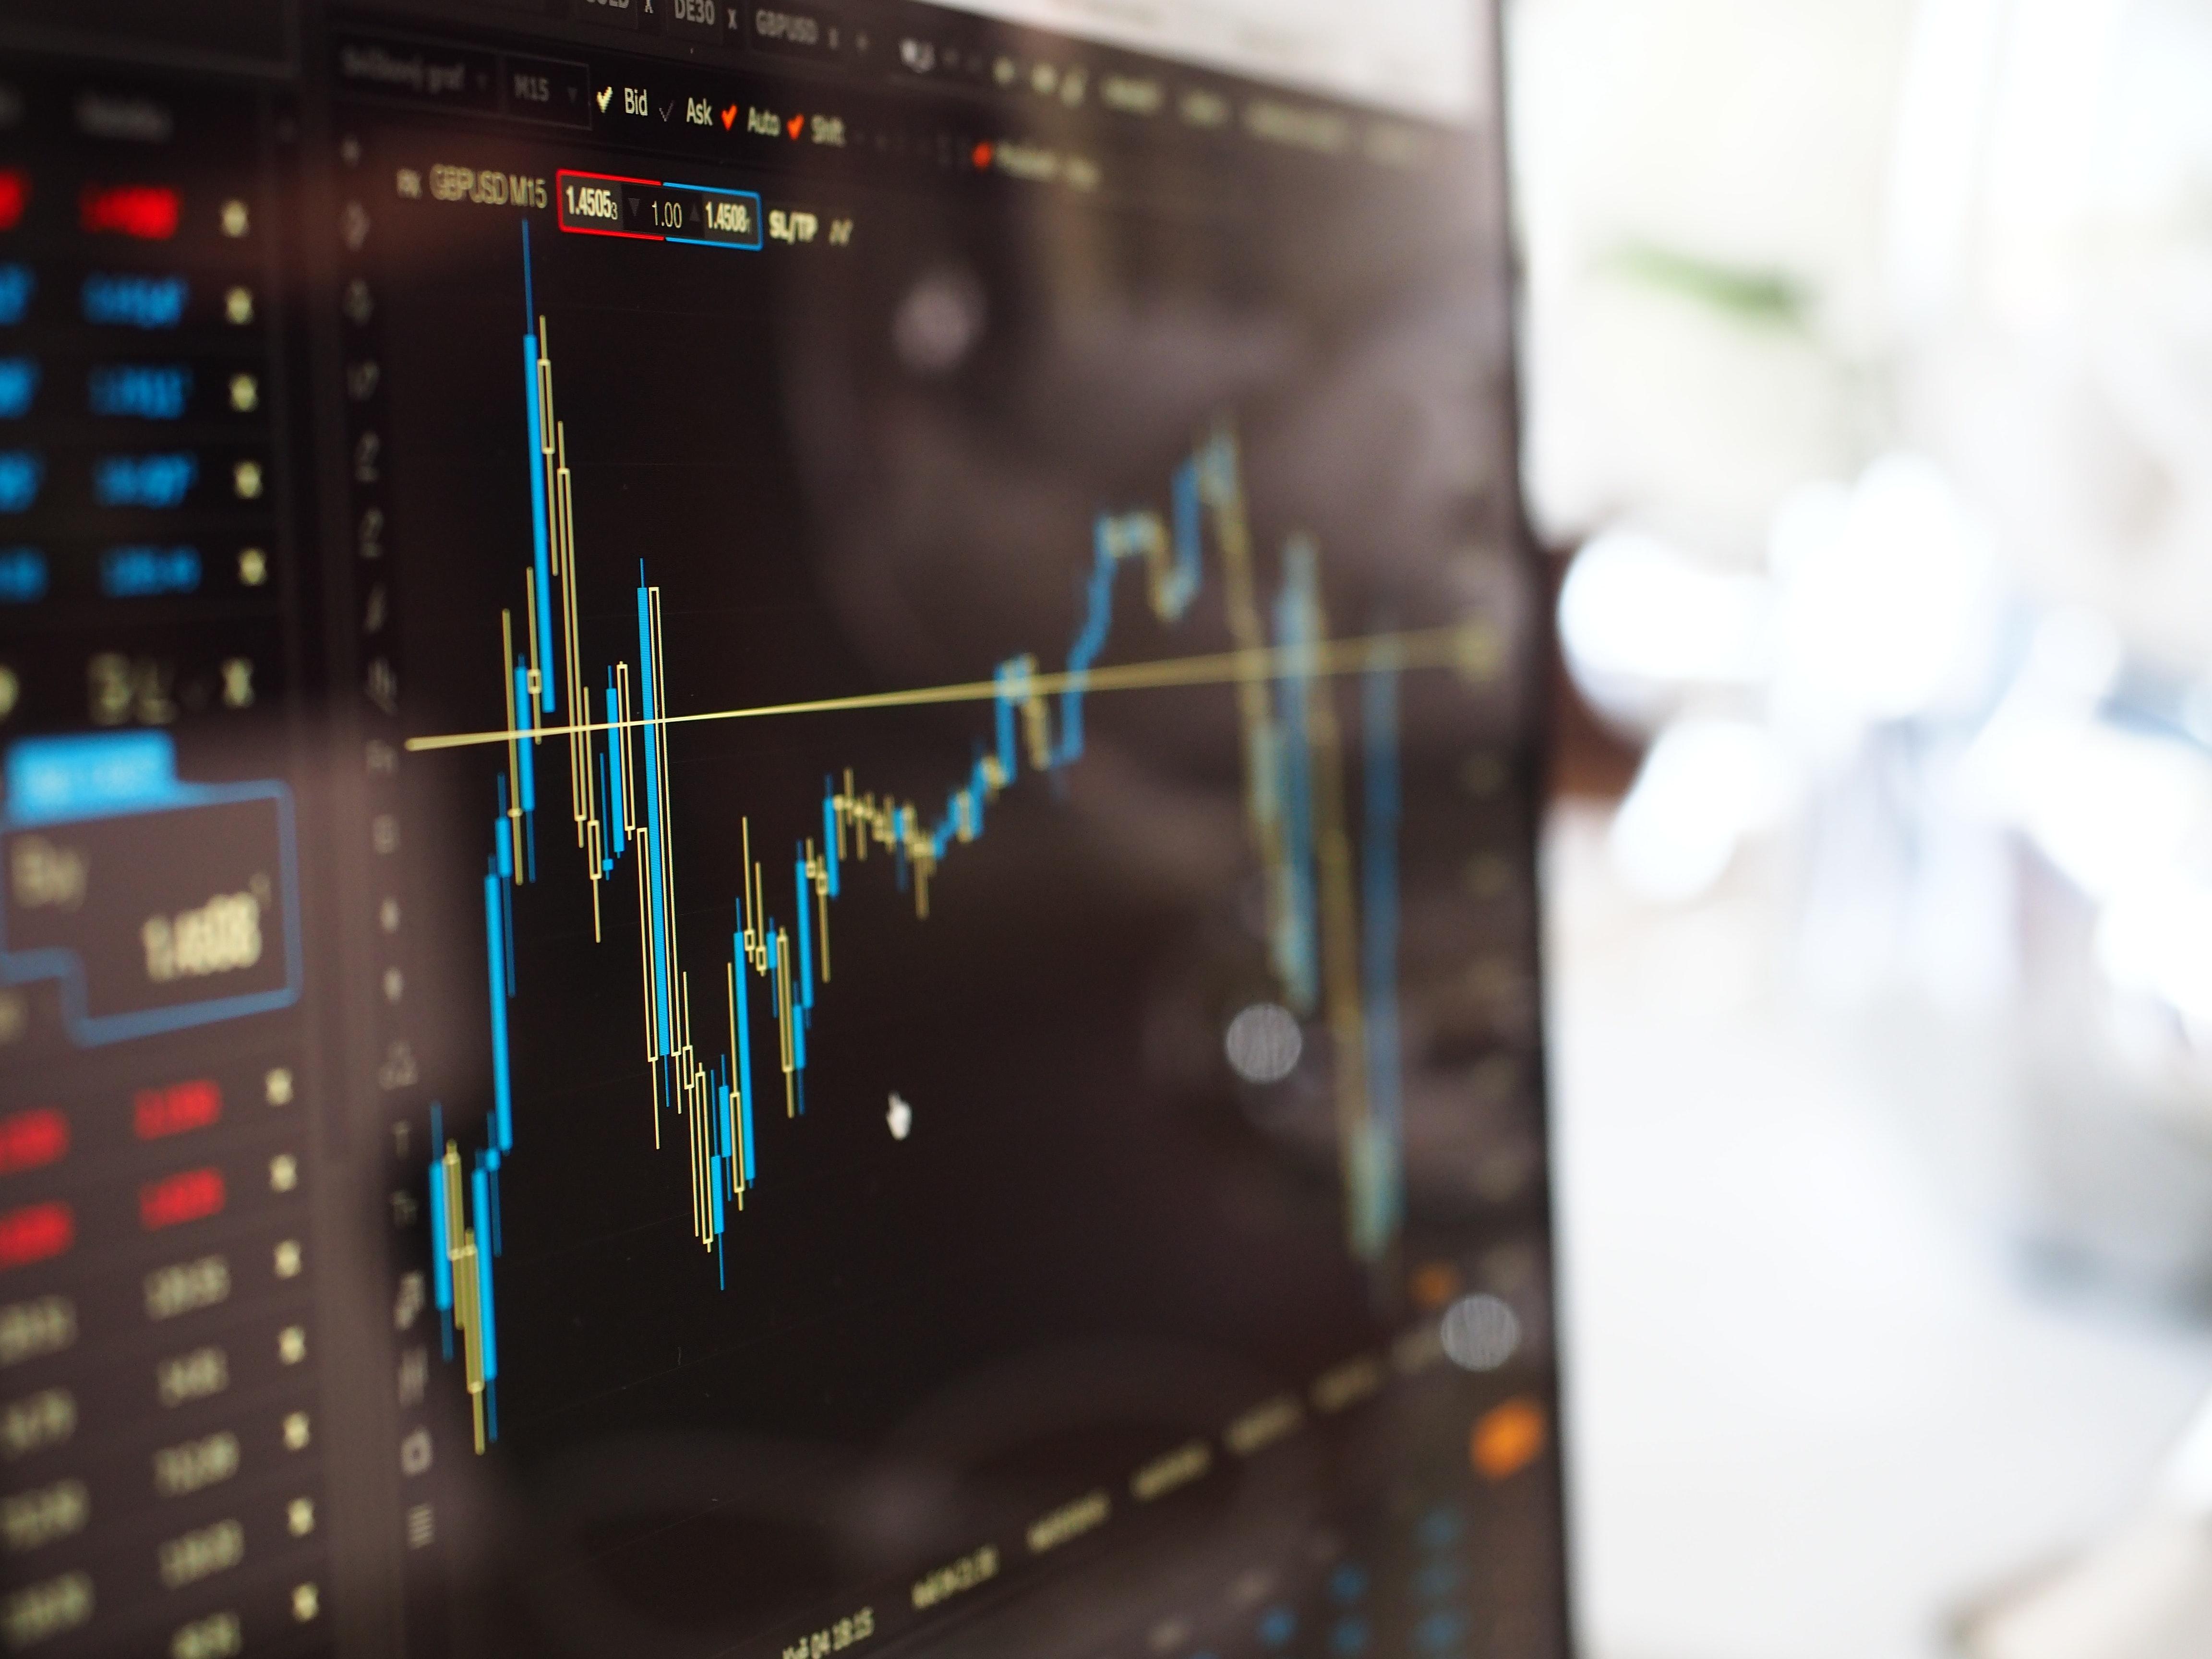 La frénésie du marché boursier américain attire les convoitises